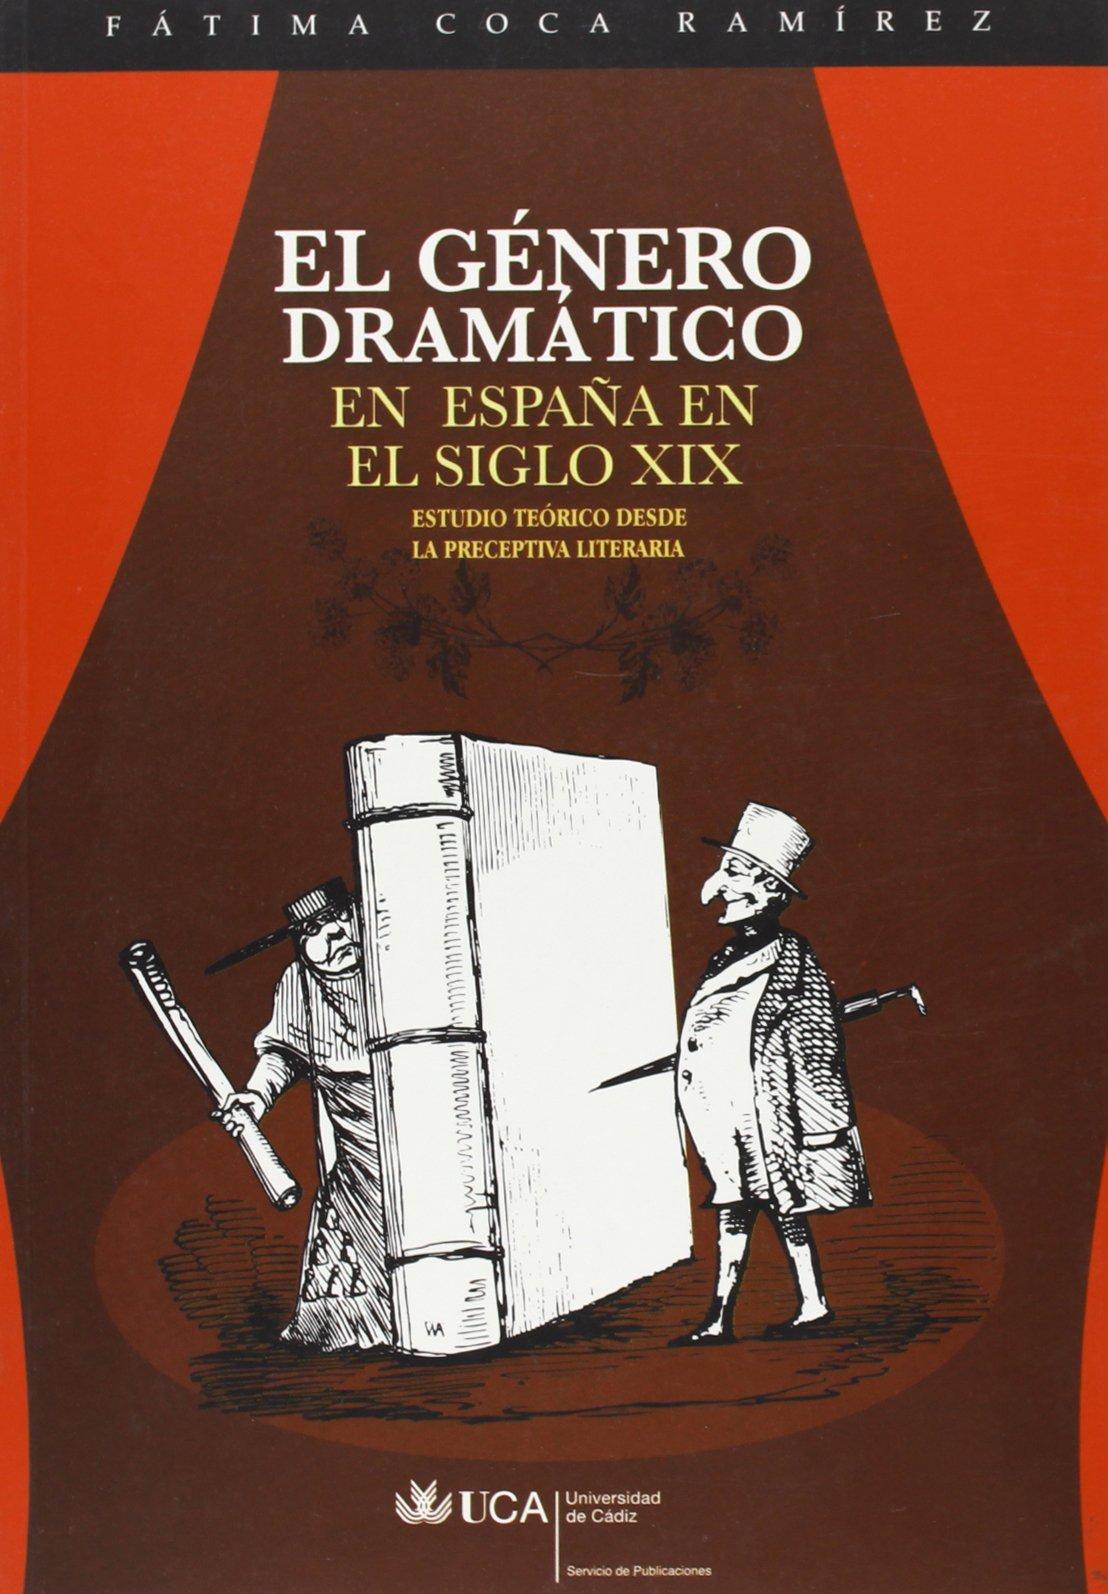 Género dramático en España en el siglo XIX, el: Estudio teórico desde la preceptiva literaria: Amazon.es: Coca Ramírez, Fátima: Libros